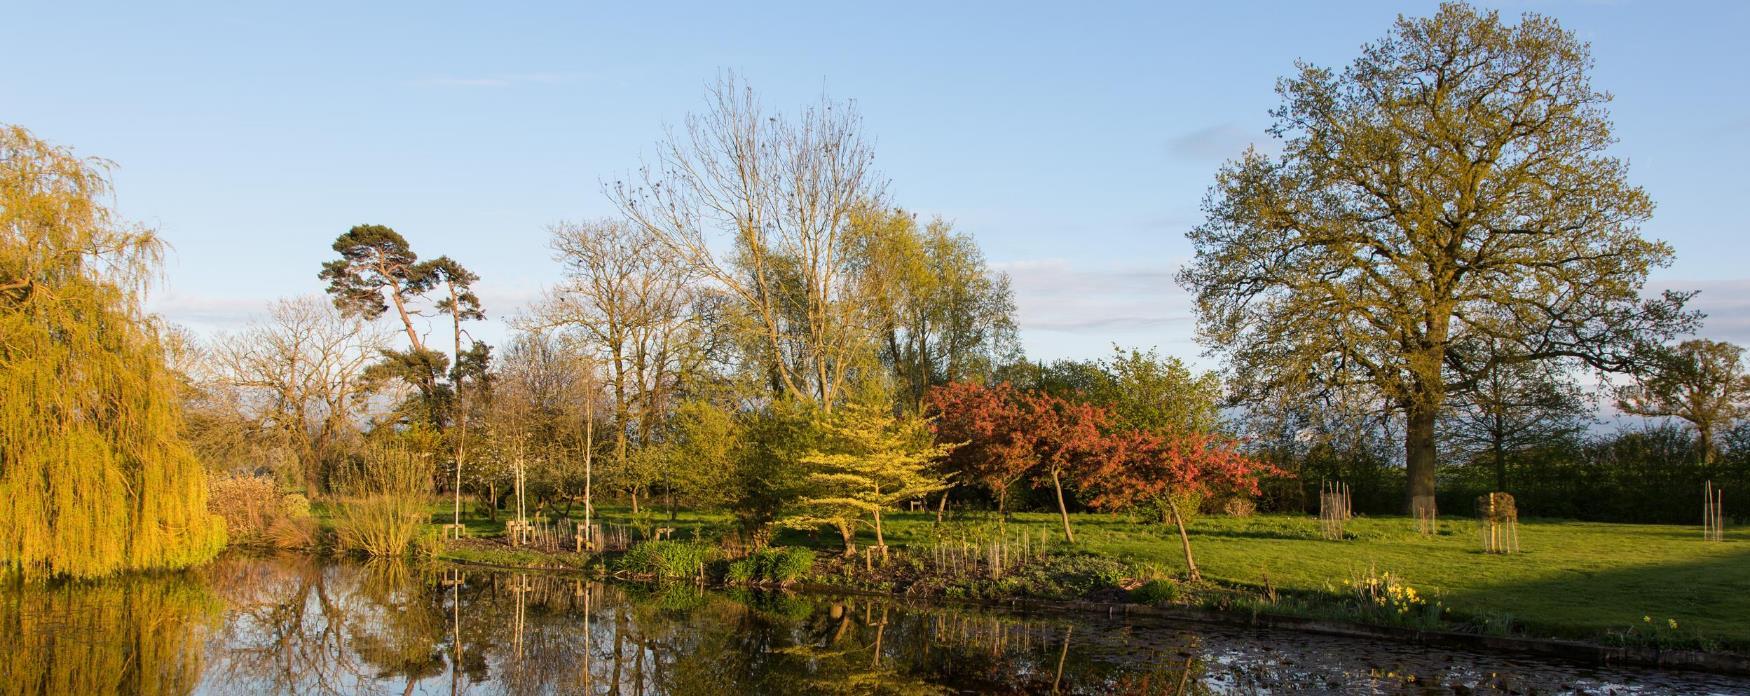 Bardfield Vineyard autumn trees